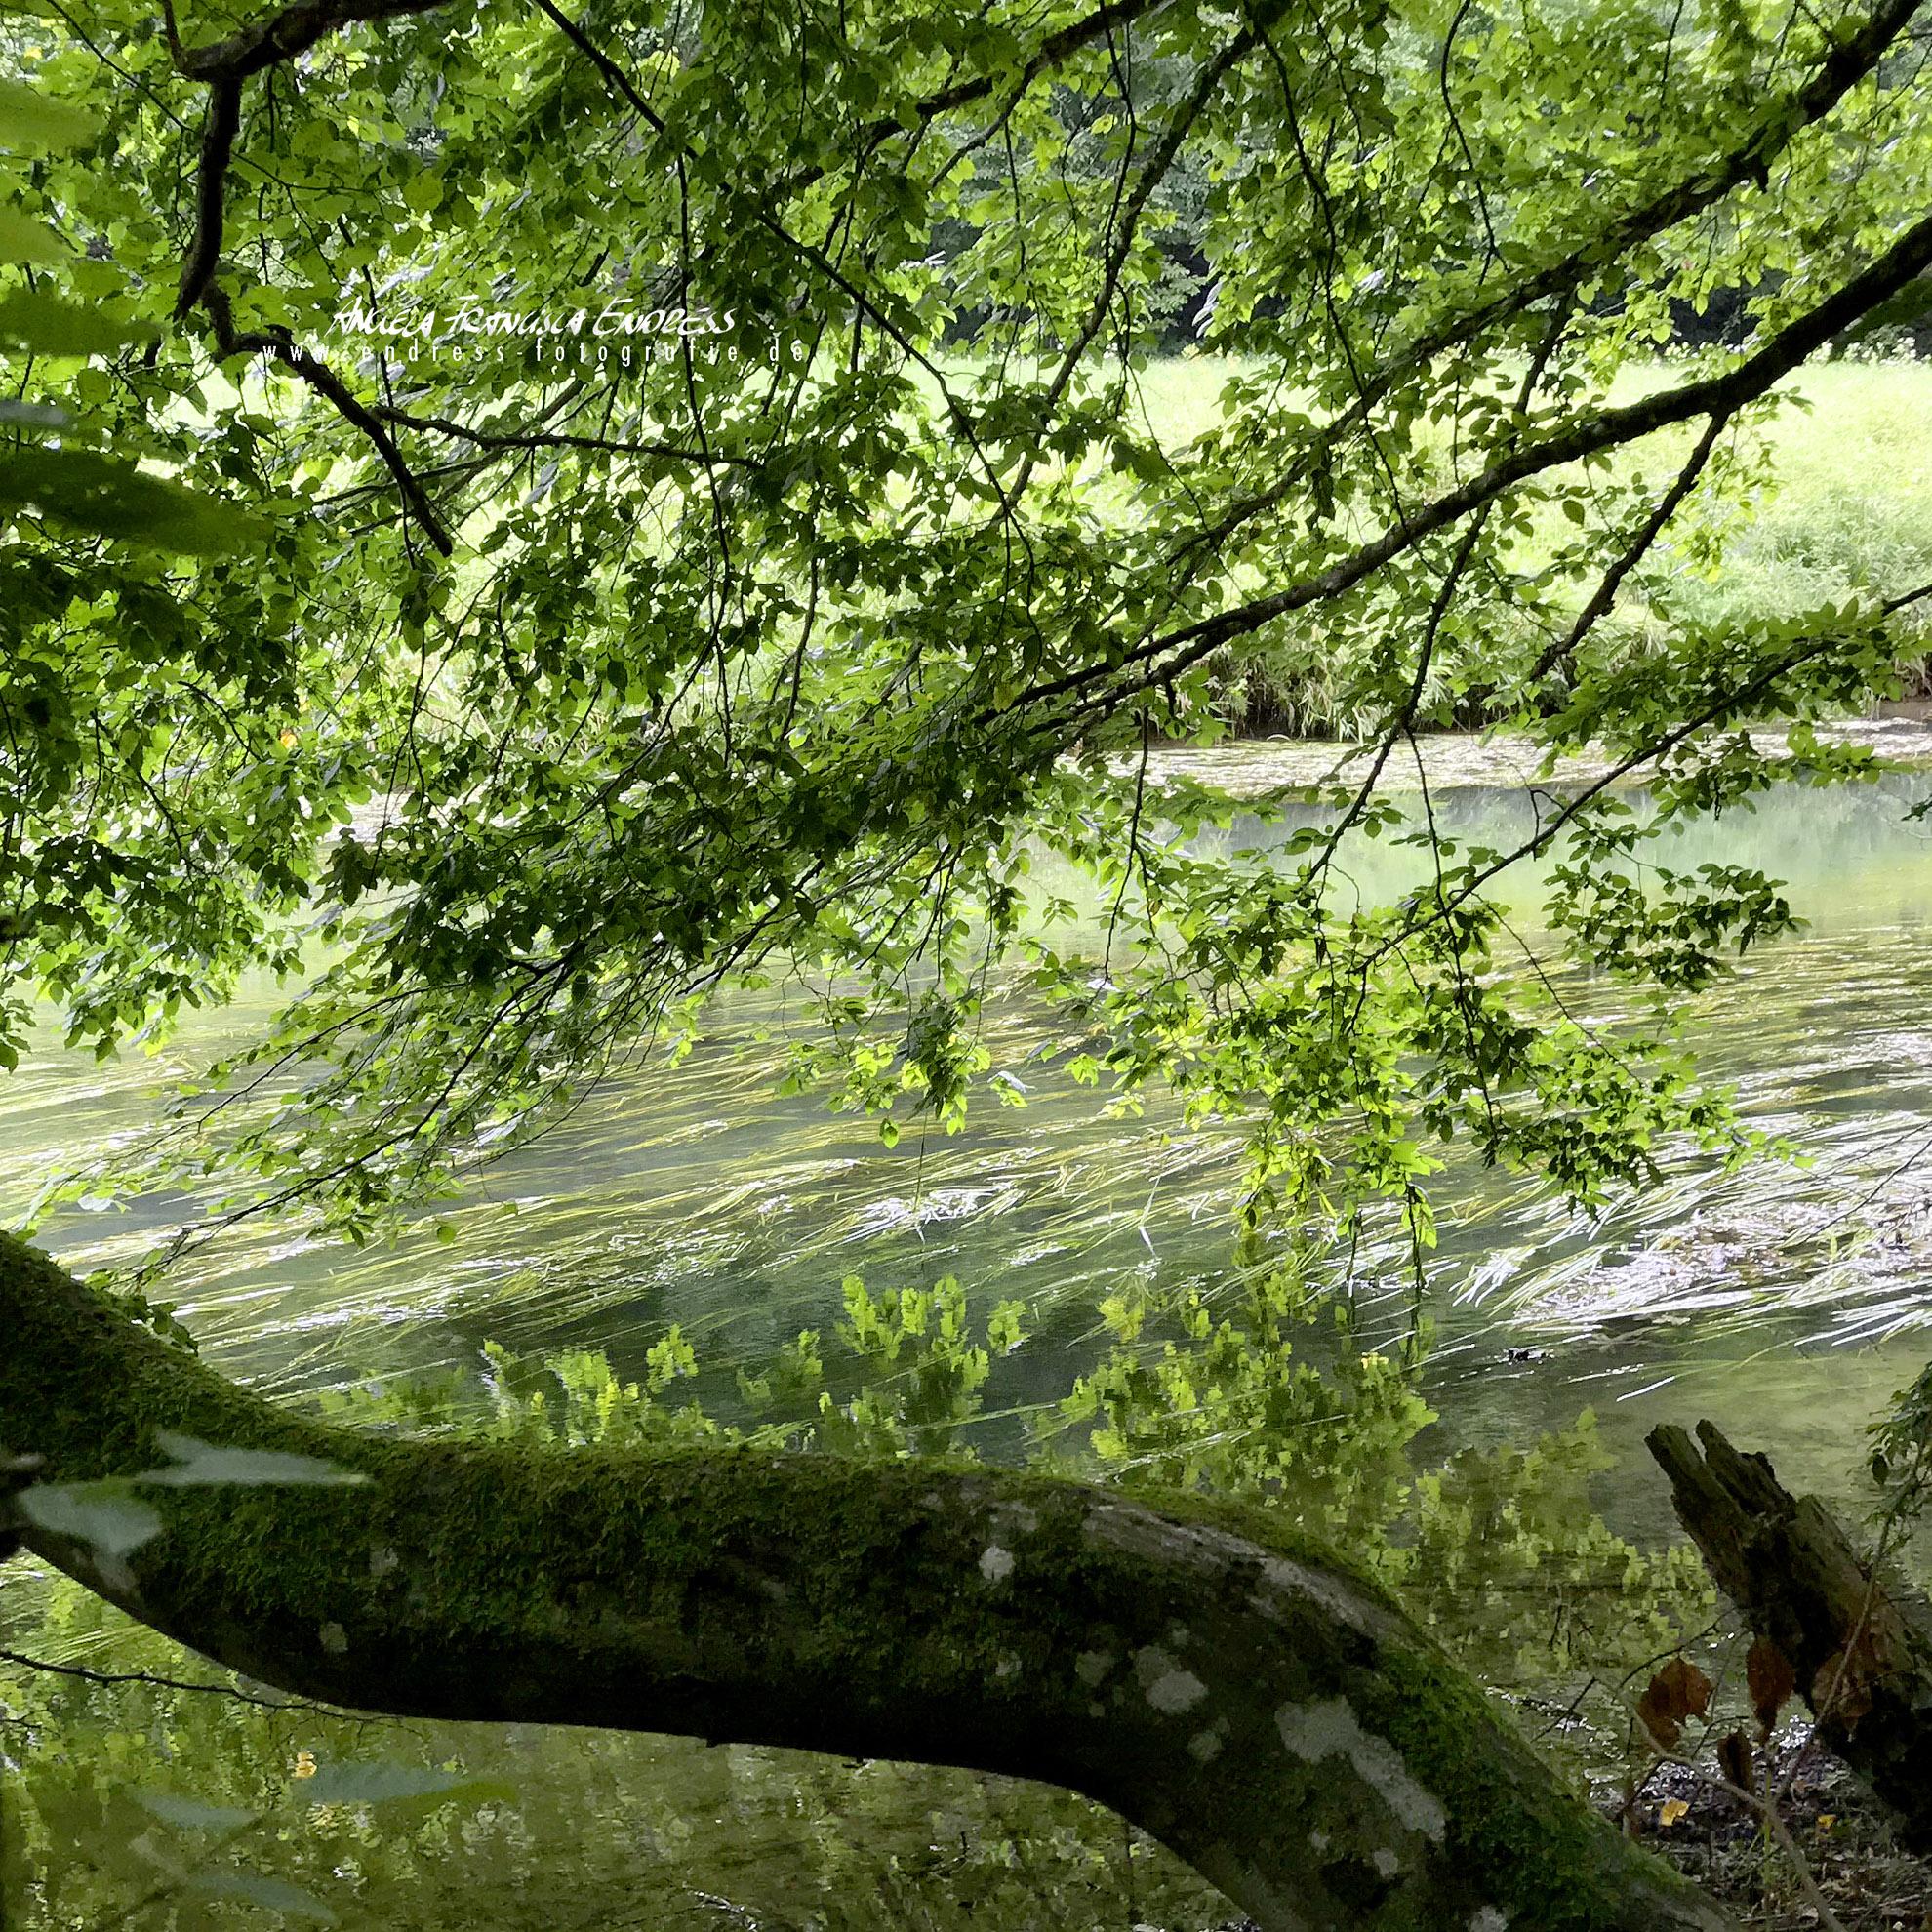 Wiesent Fluss mit Ufer und Bäumen